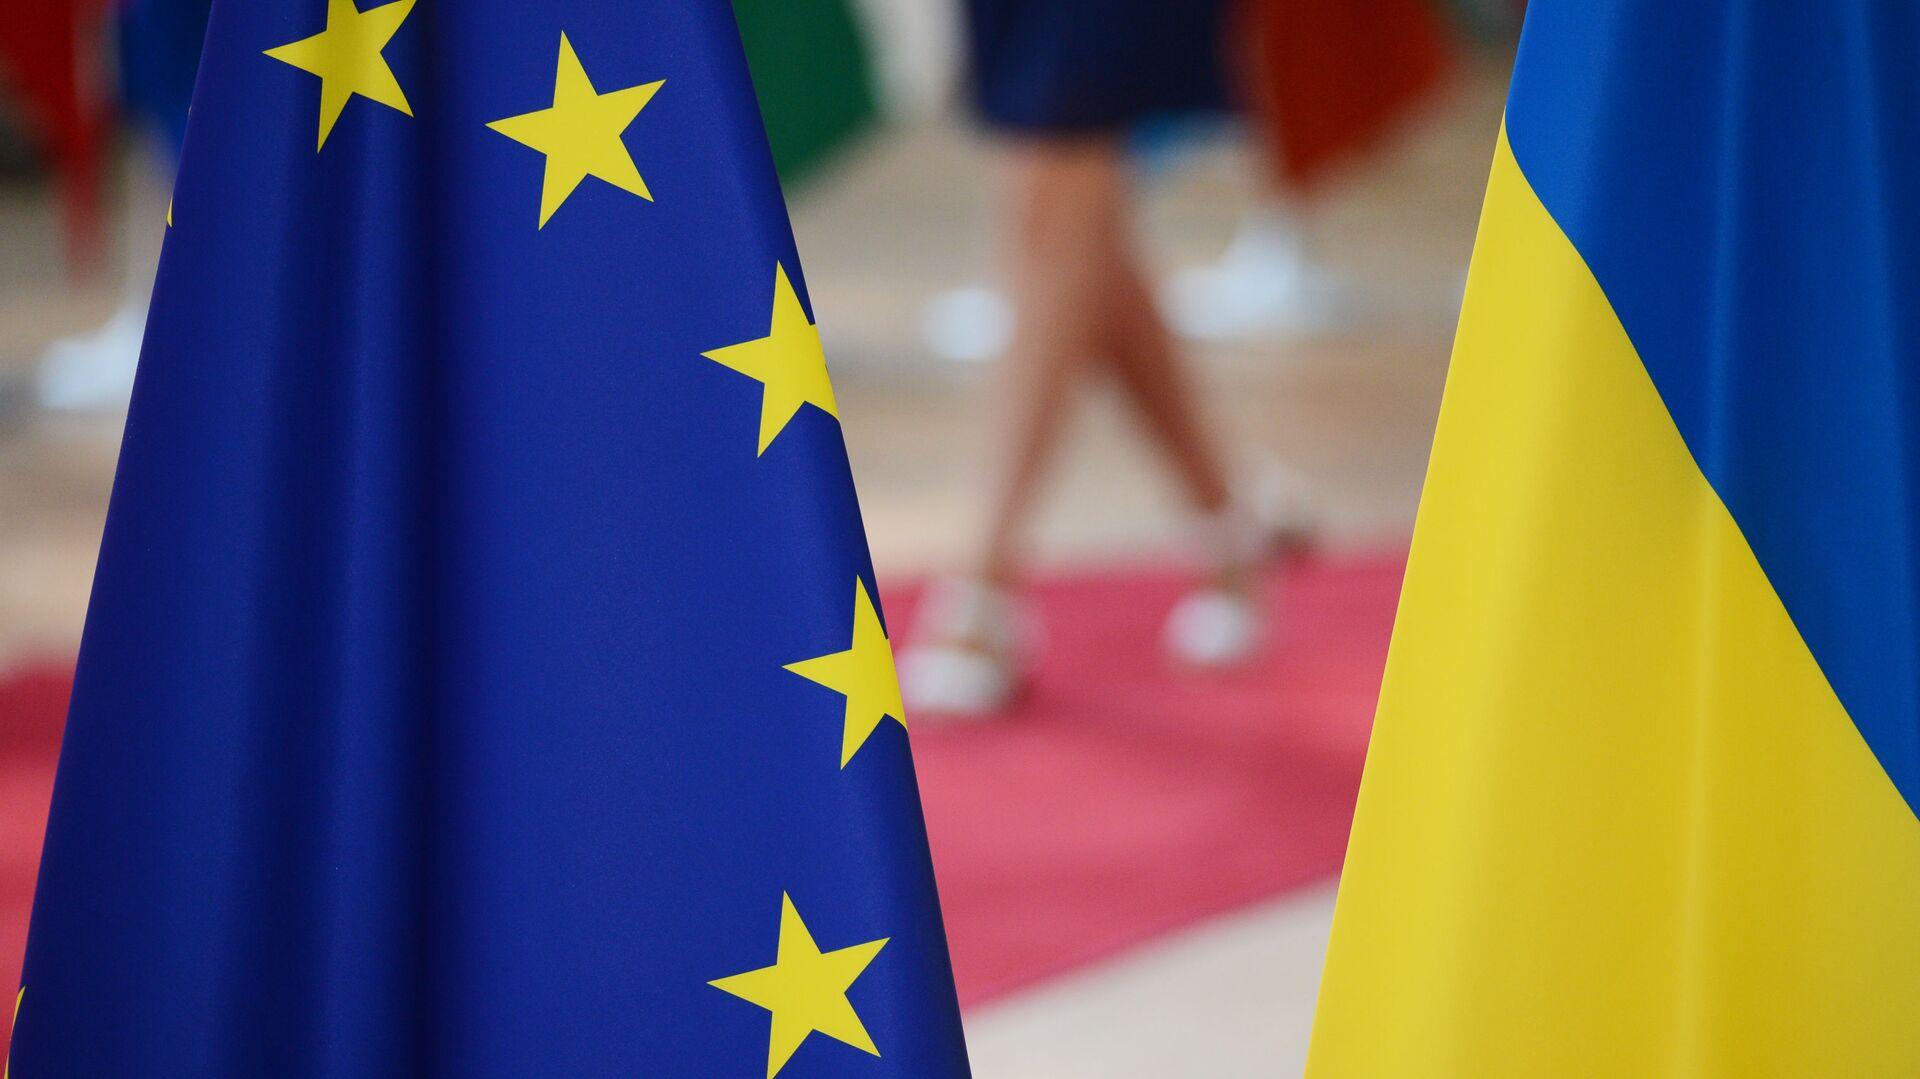 Флаги Украины и Европейского Союза - РИА Новости, 1920, 12.10.2021